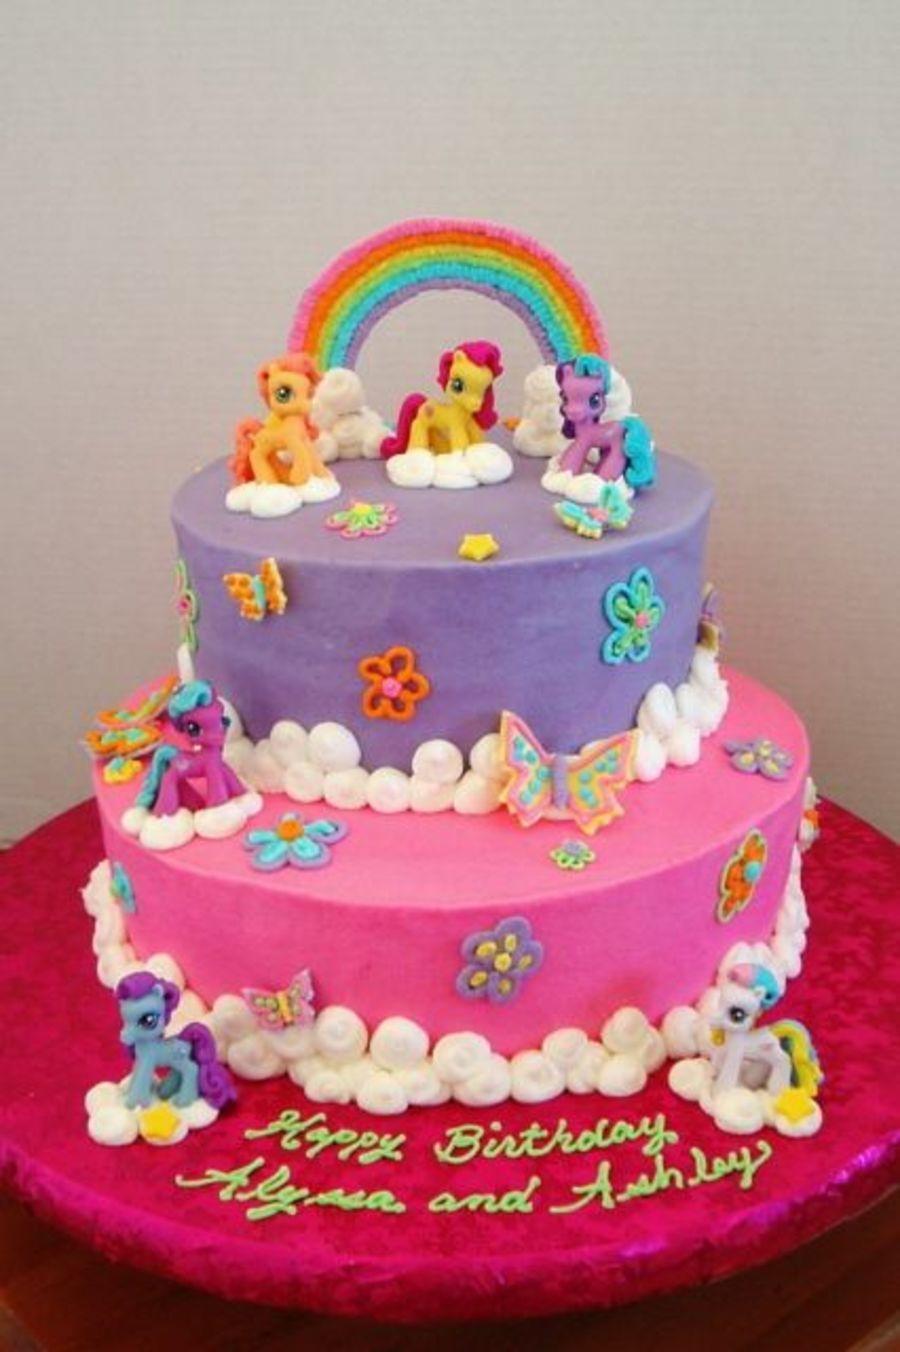 My Little Pony My Little Pony Pinterest Pony Birthdays And Cake